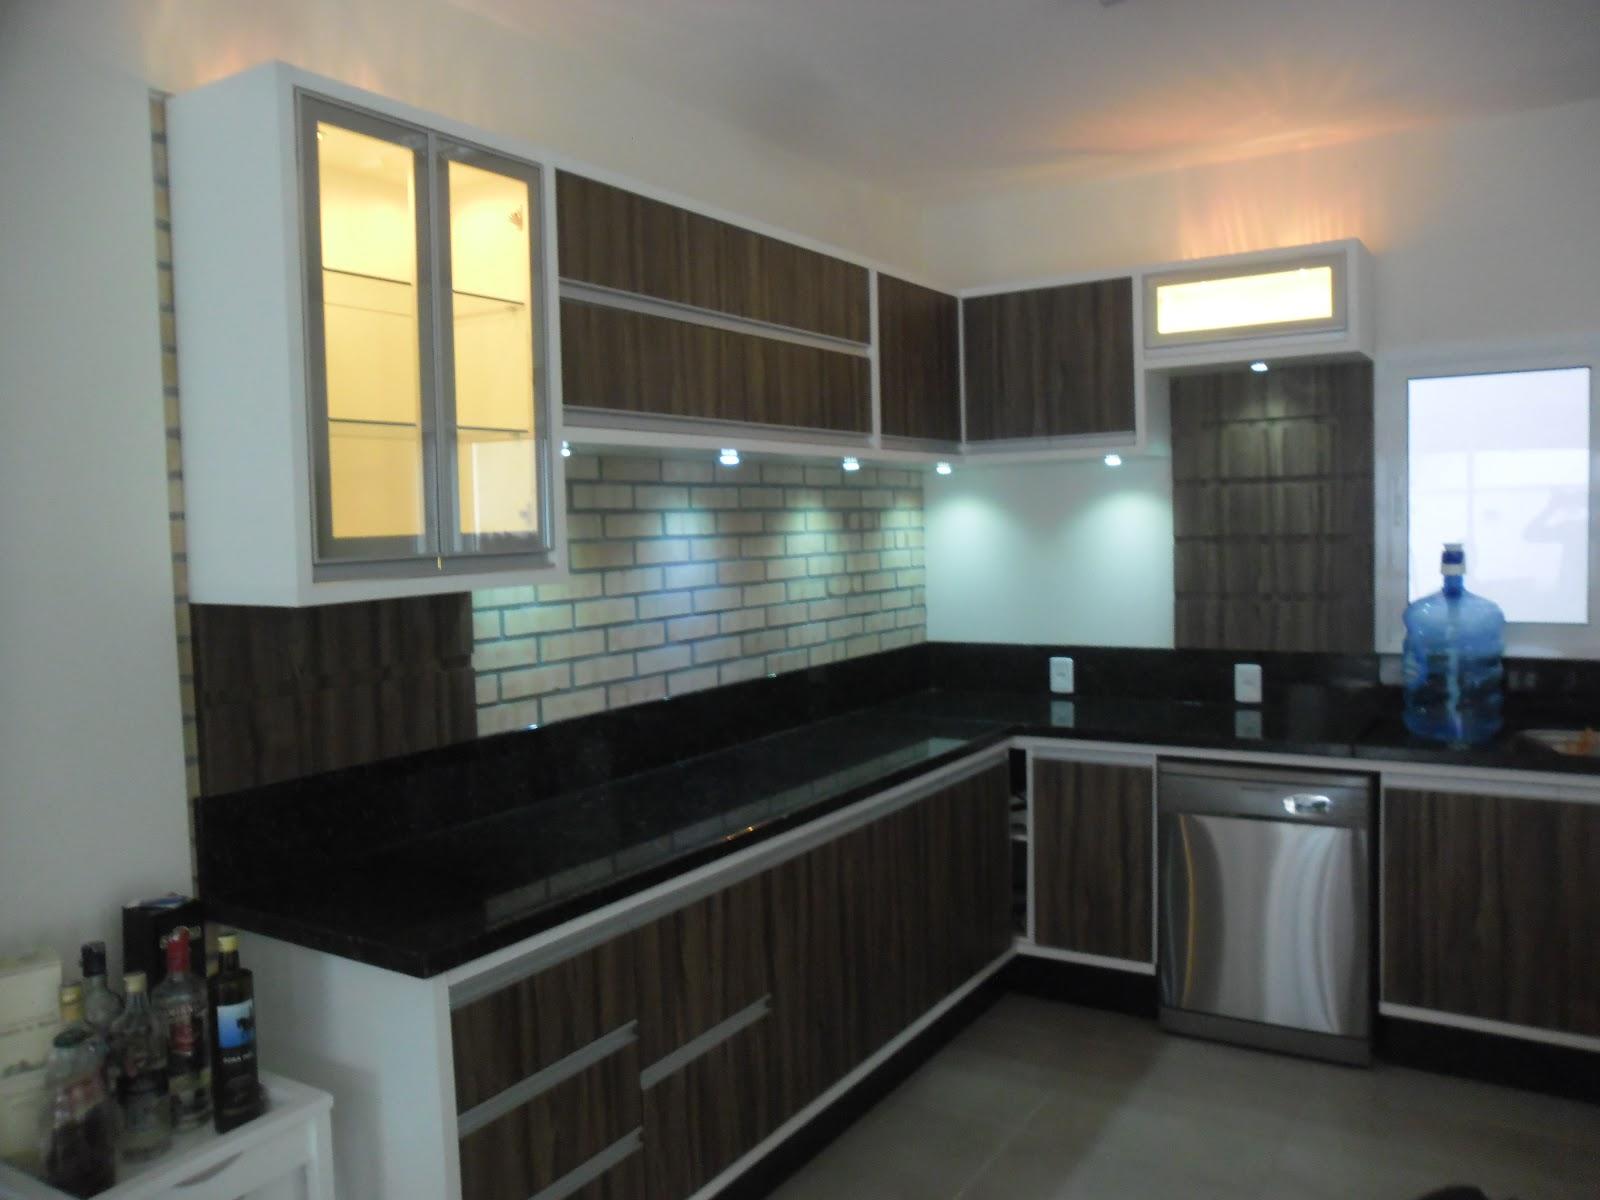 Silvano Moveis: Cozinha branca / nogal terracota #A27929 1600 1200